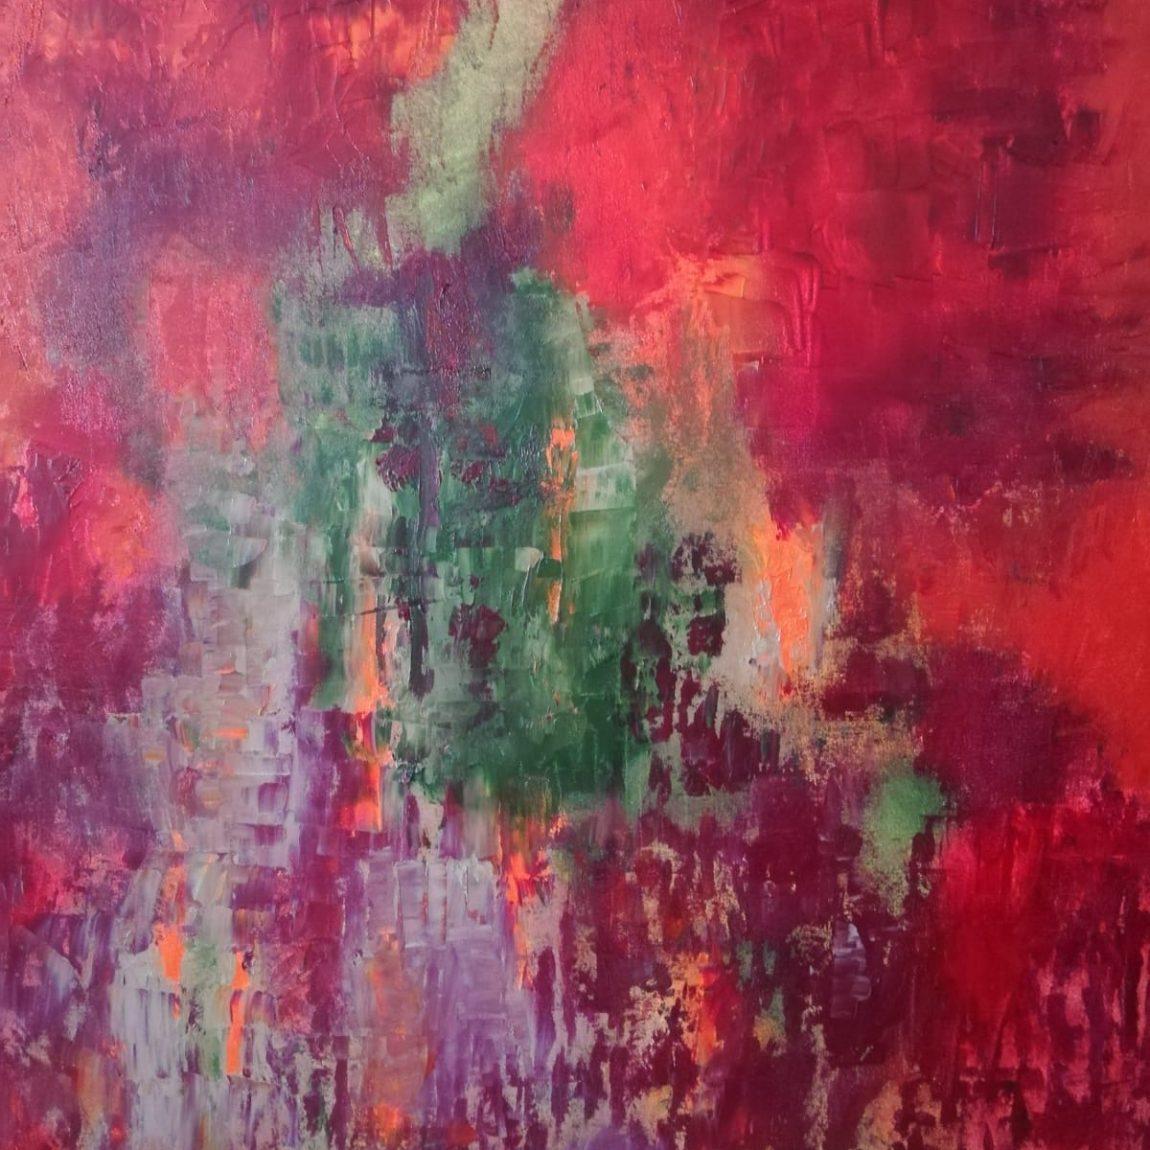 Ayda TAVİL - Teknik: Tuval Üzeri Yağlı Boya Ölçü: 80 x 100 cm Fiyat : 29.500 TL